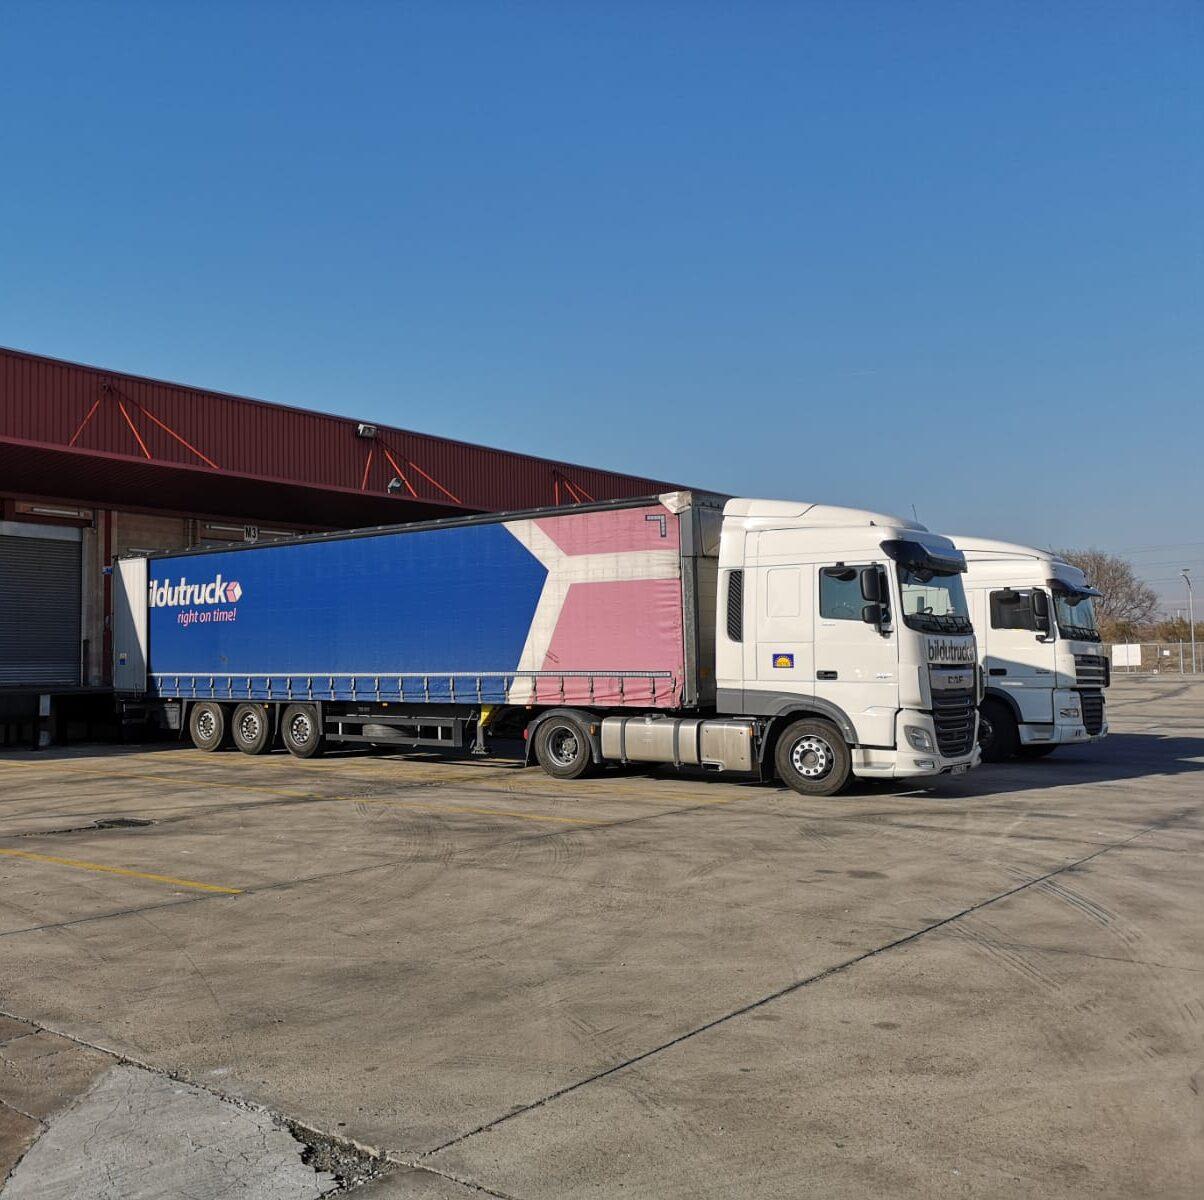 Camiones de Bildutruck